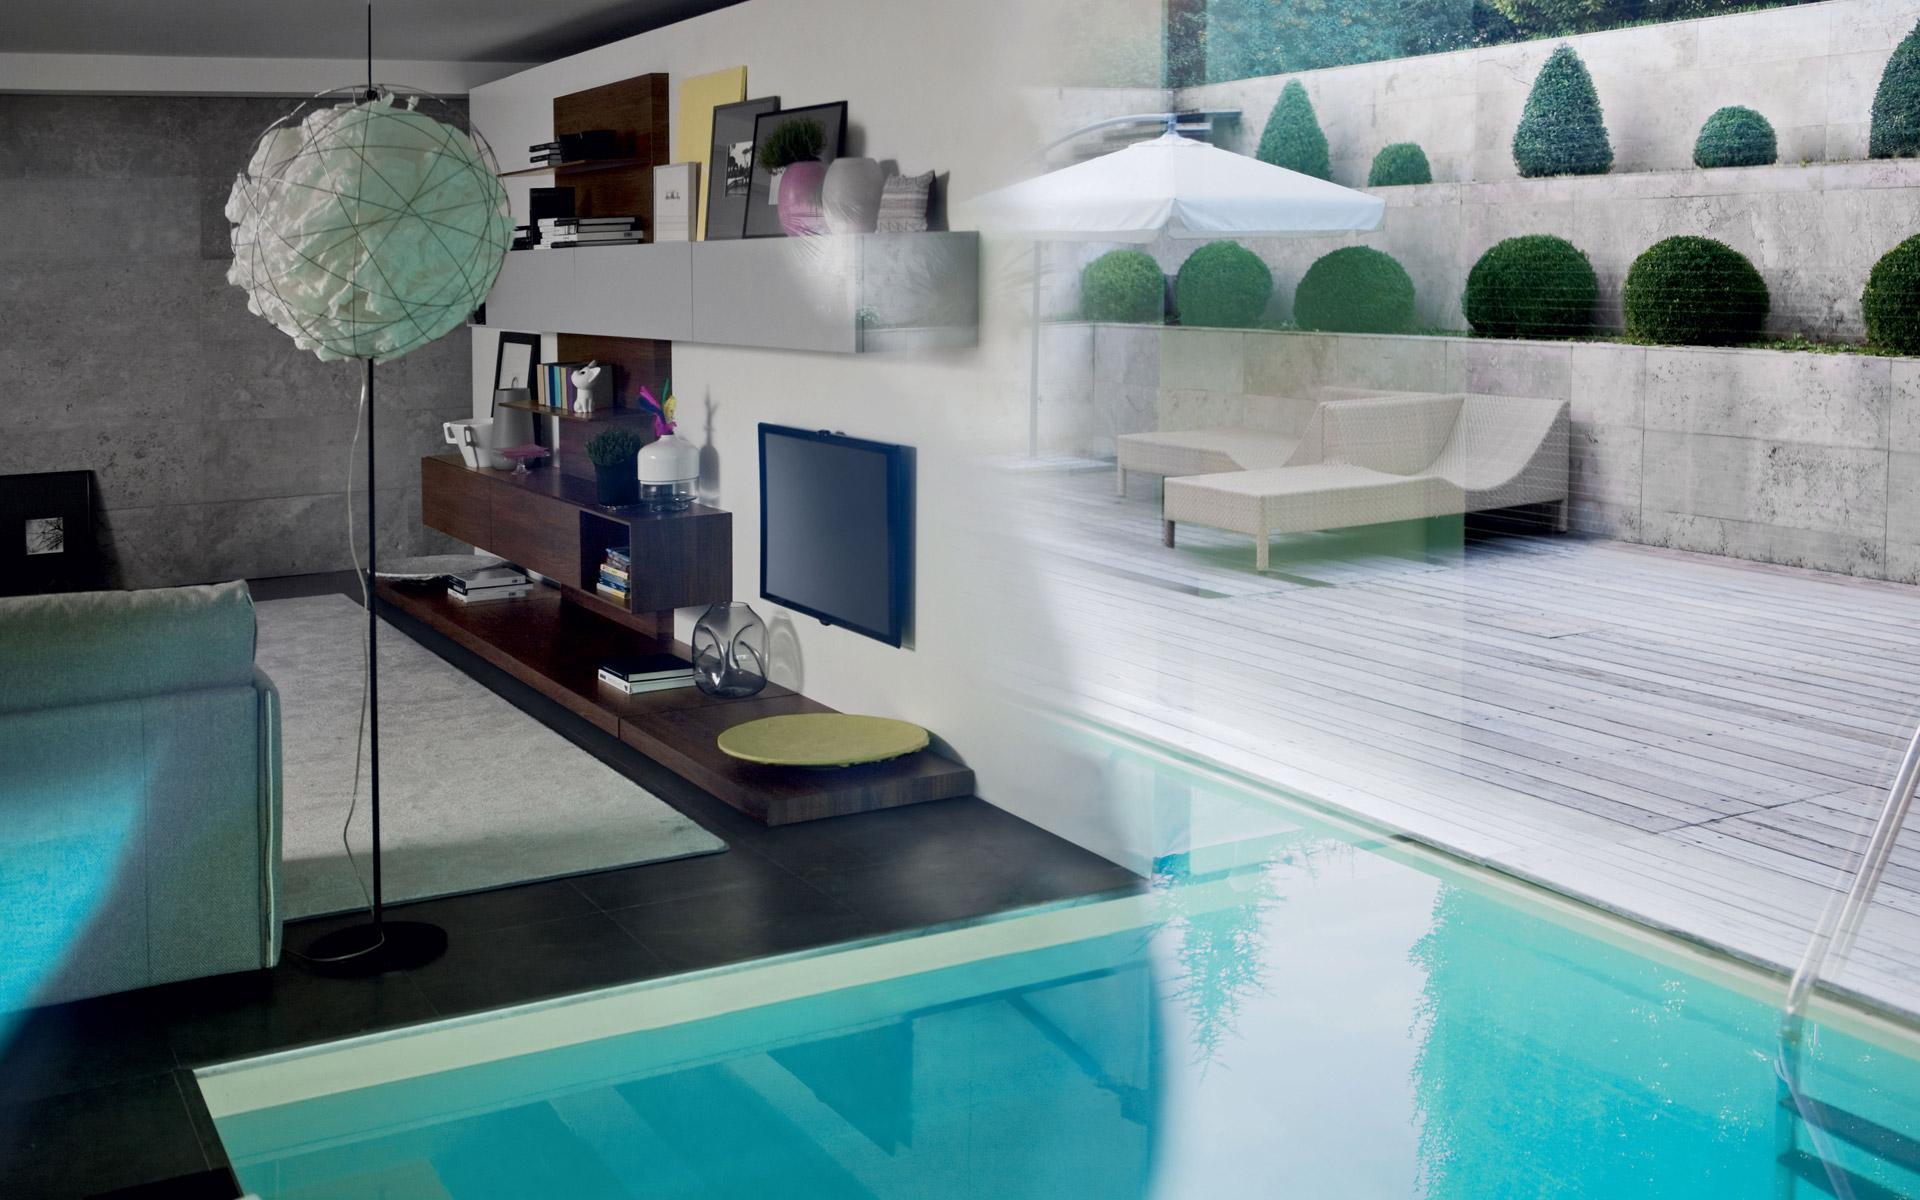 Best soggiorno verona ideas idee arredamento casa for Subito it arredamento padova